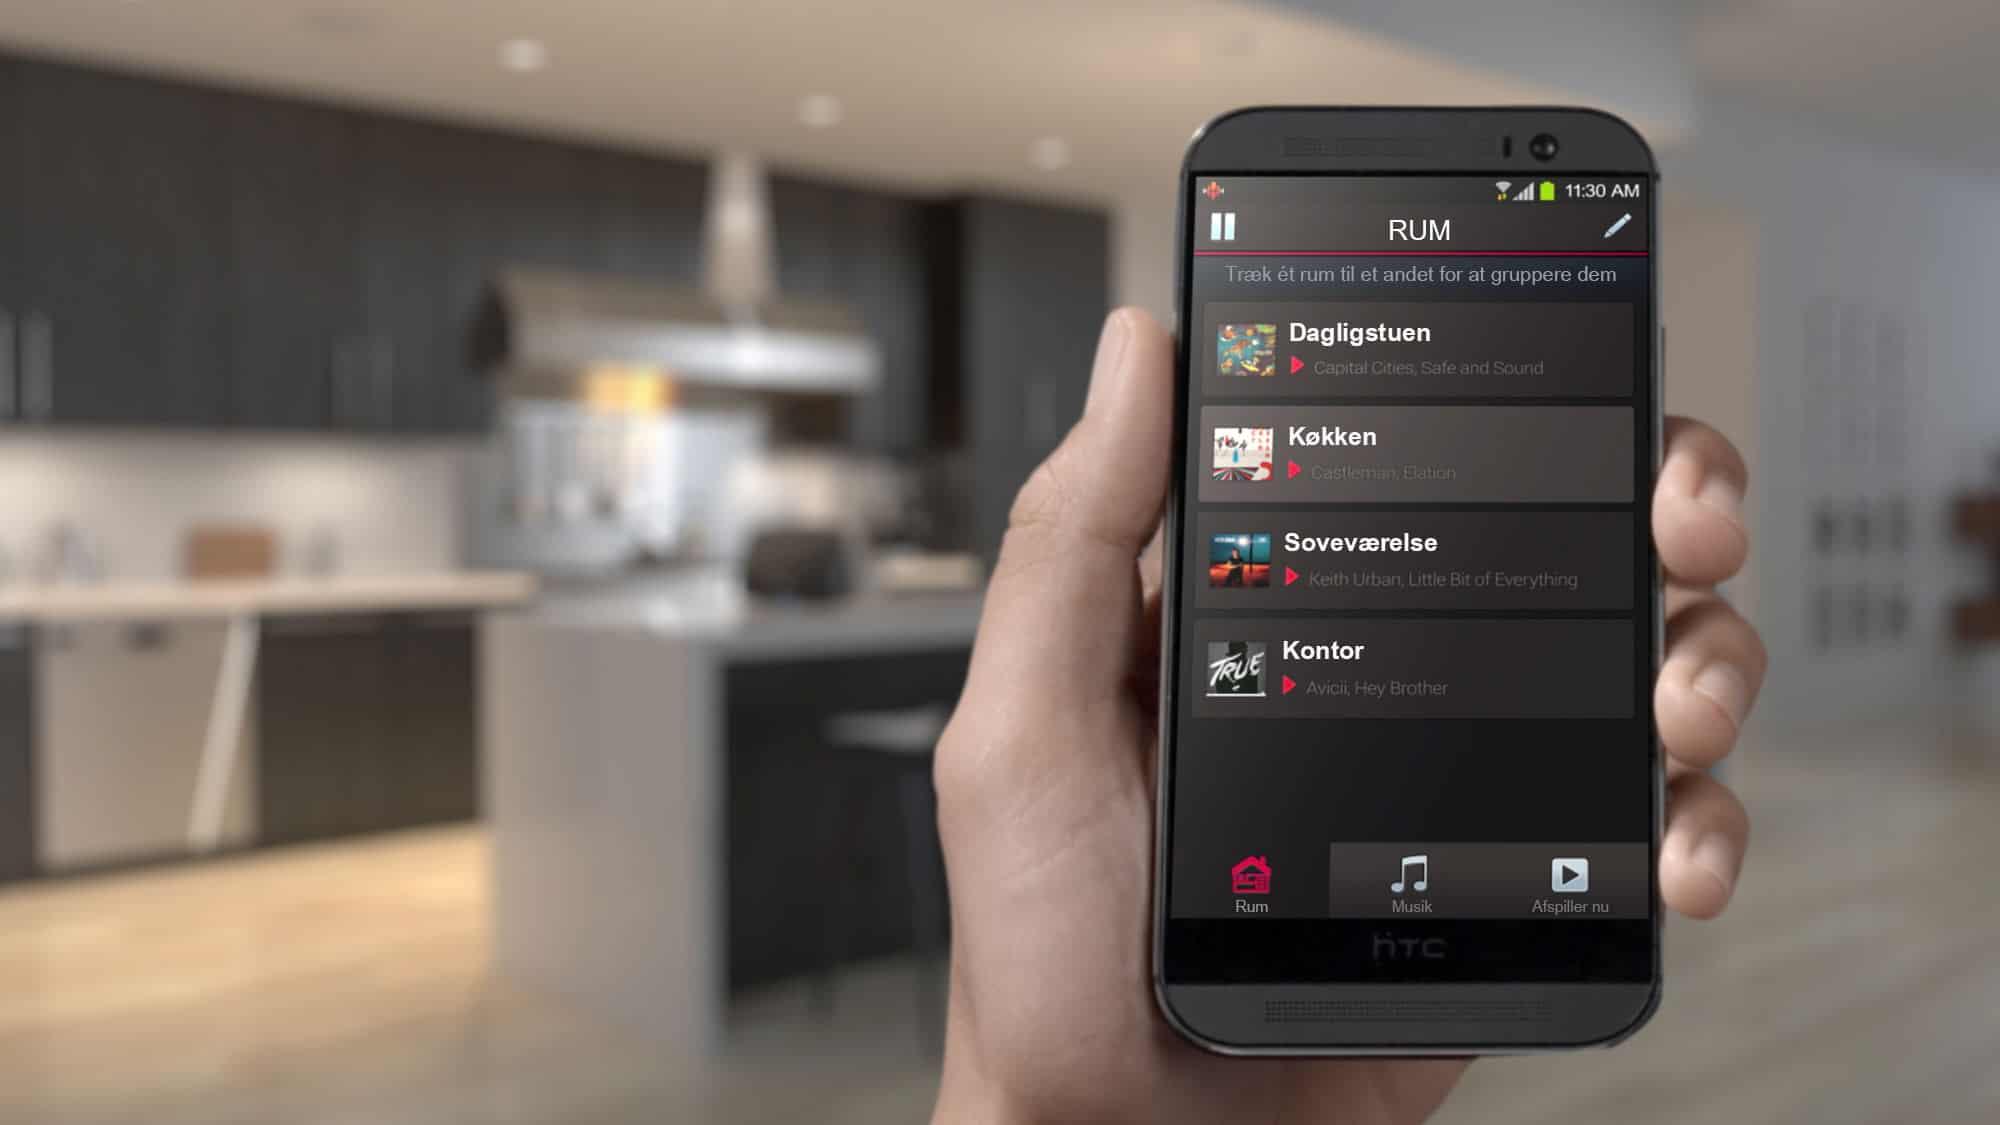 multiroom, controllare la musica dal telefonino in un click